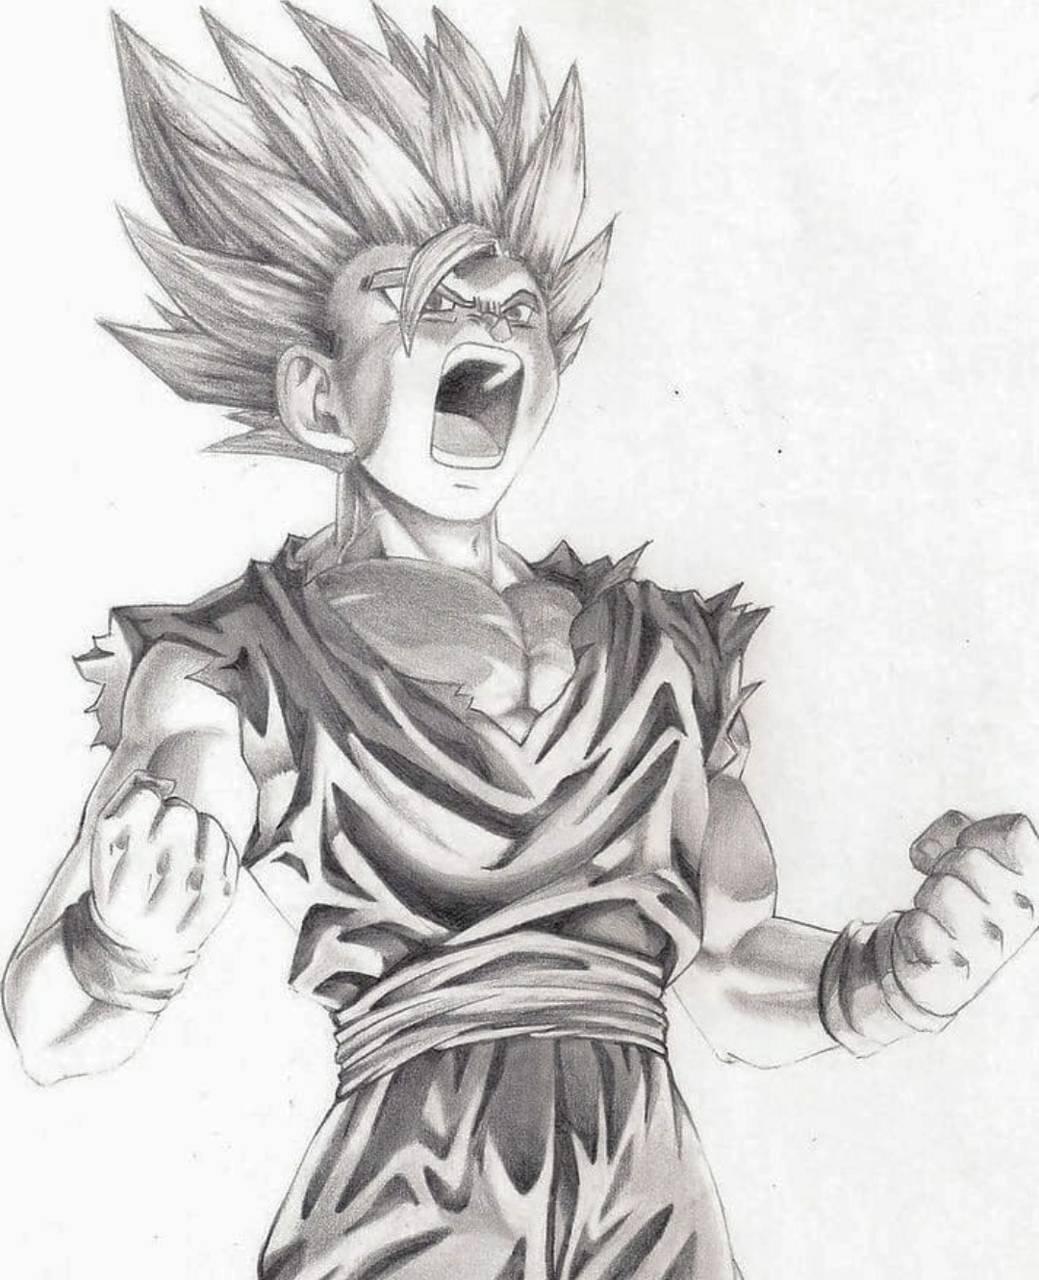 Dragon Ball Z Wallpaper By Gus Beto 13 Free On Zedge